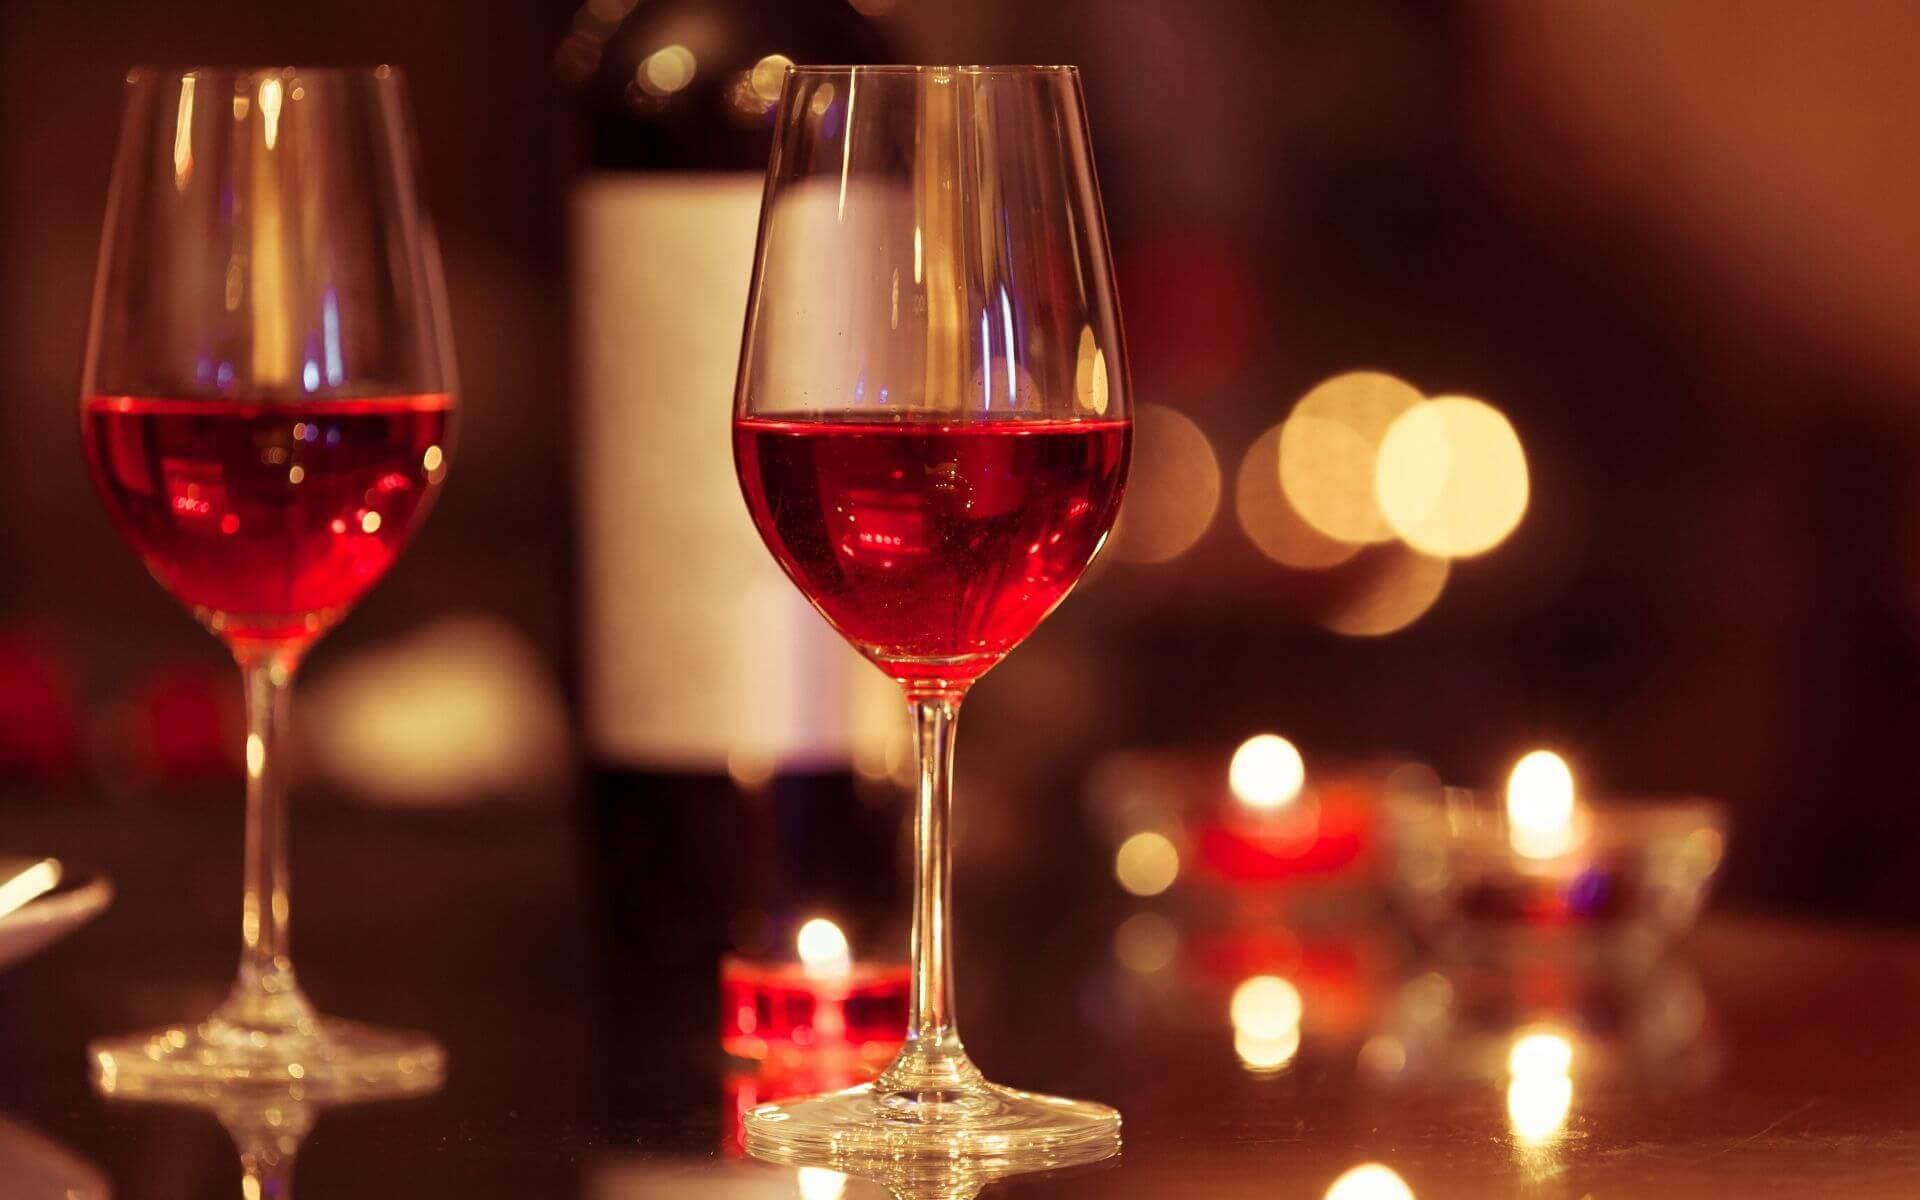 Mit diesen 5 Tipps blamierst du dich nicht beim Candle Light Dinner!